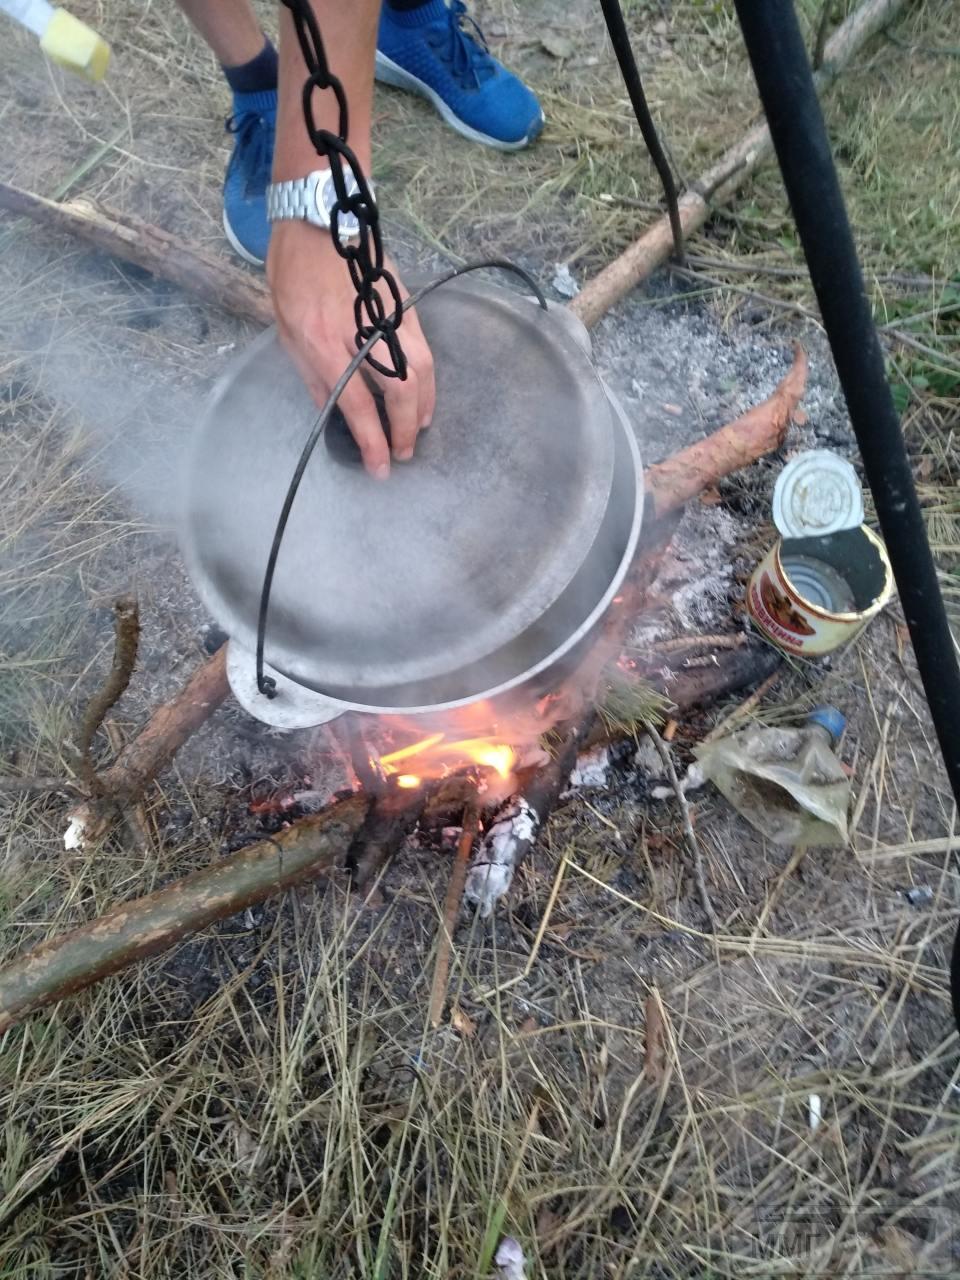 29407 - Закуски на огне (мангал, барбекю и т.д.) и кулинария вообще. Советы и рецепты.